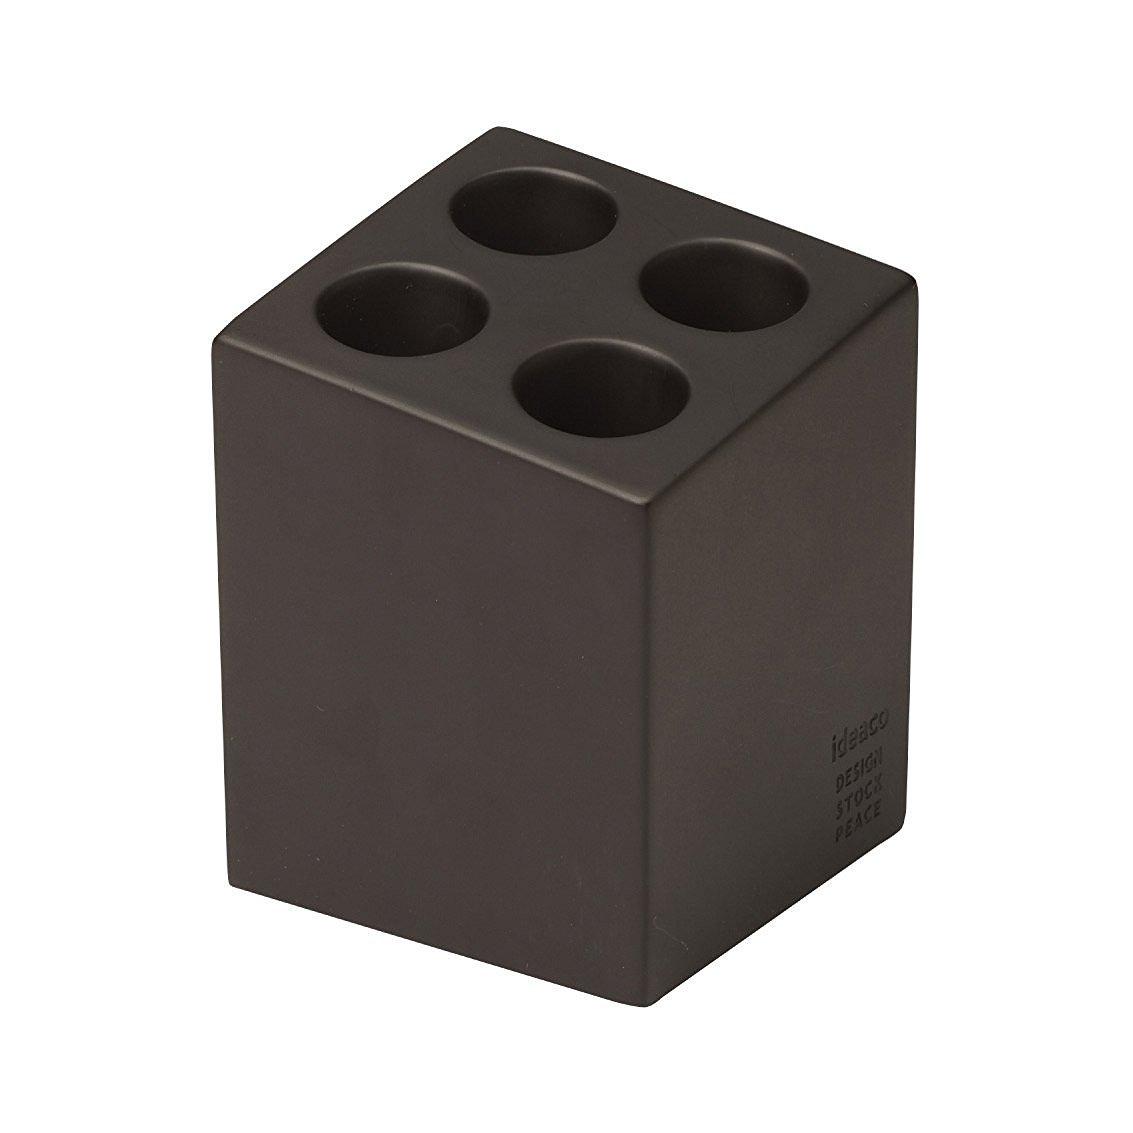 Ideaco Japan Compact Minimalist Design Umbrella Stand Mini Cube 4 Slot MATTE BROWN